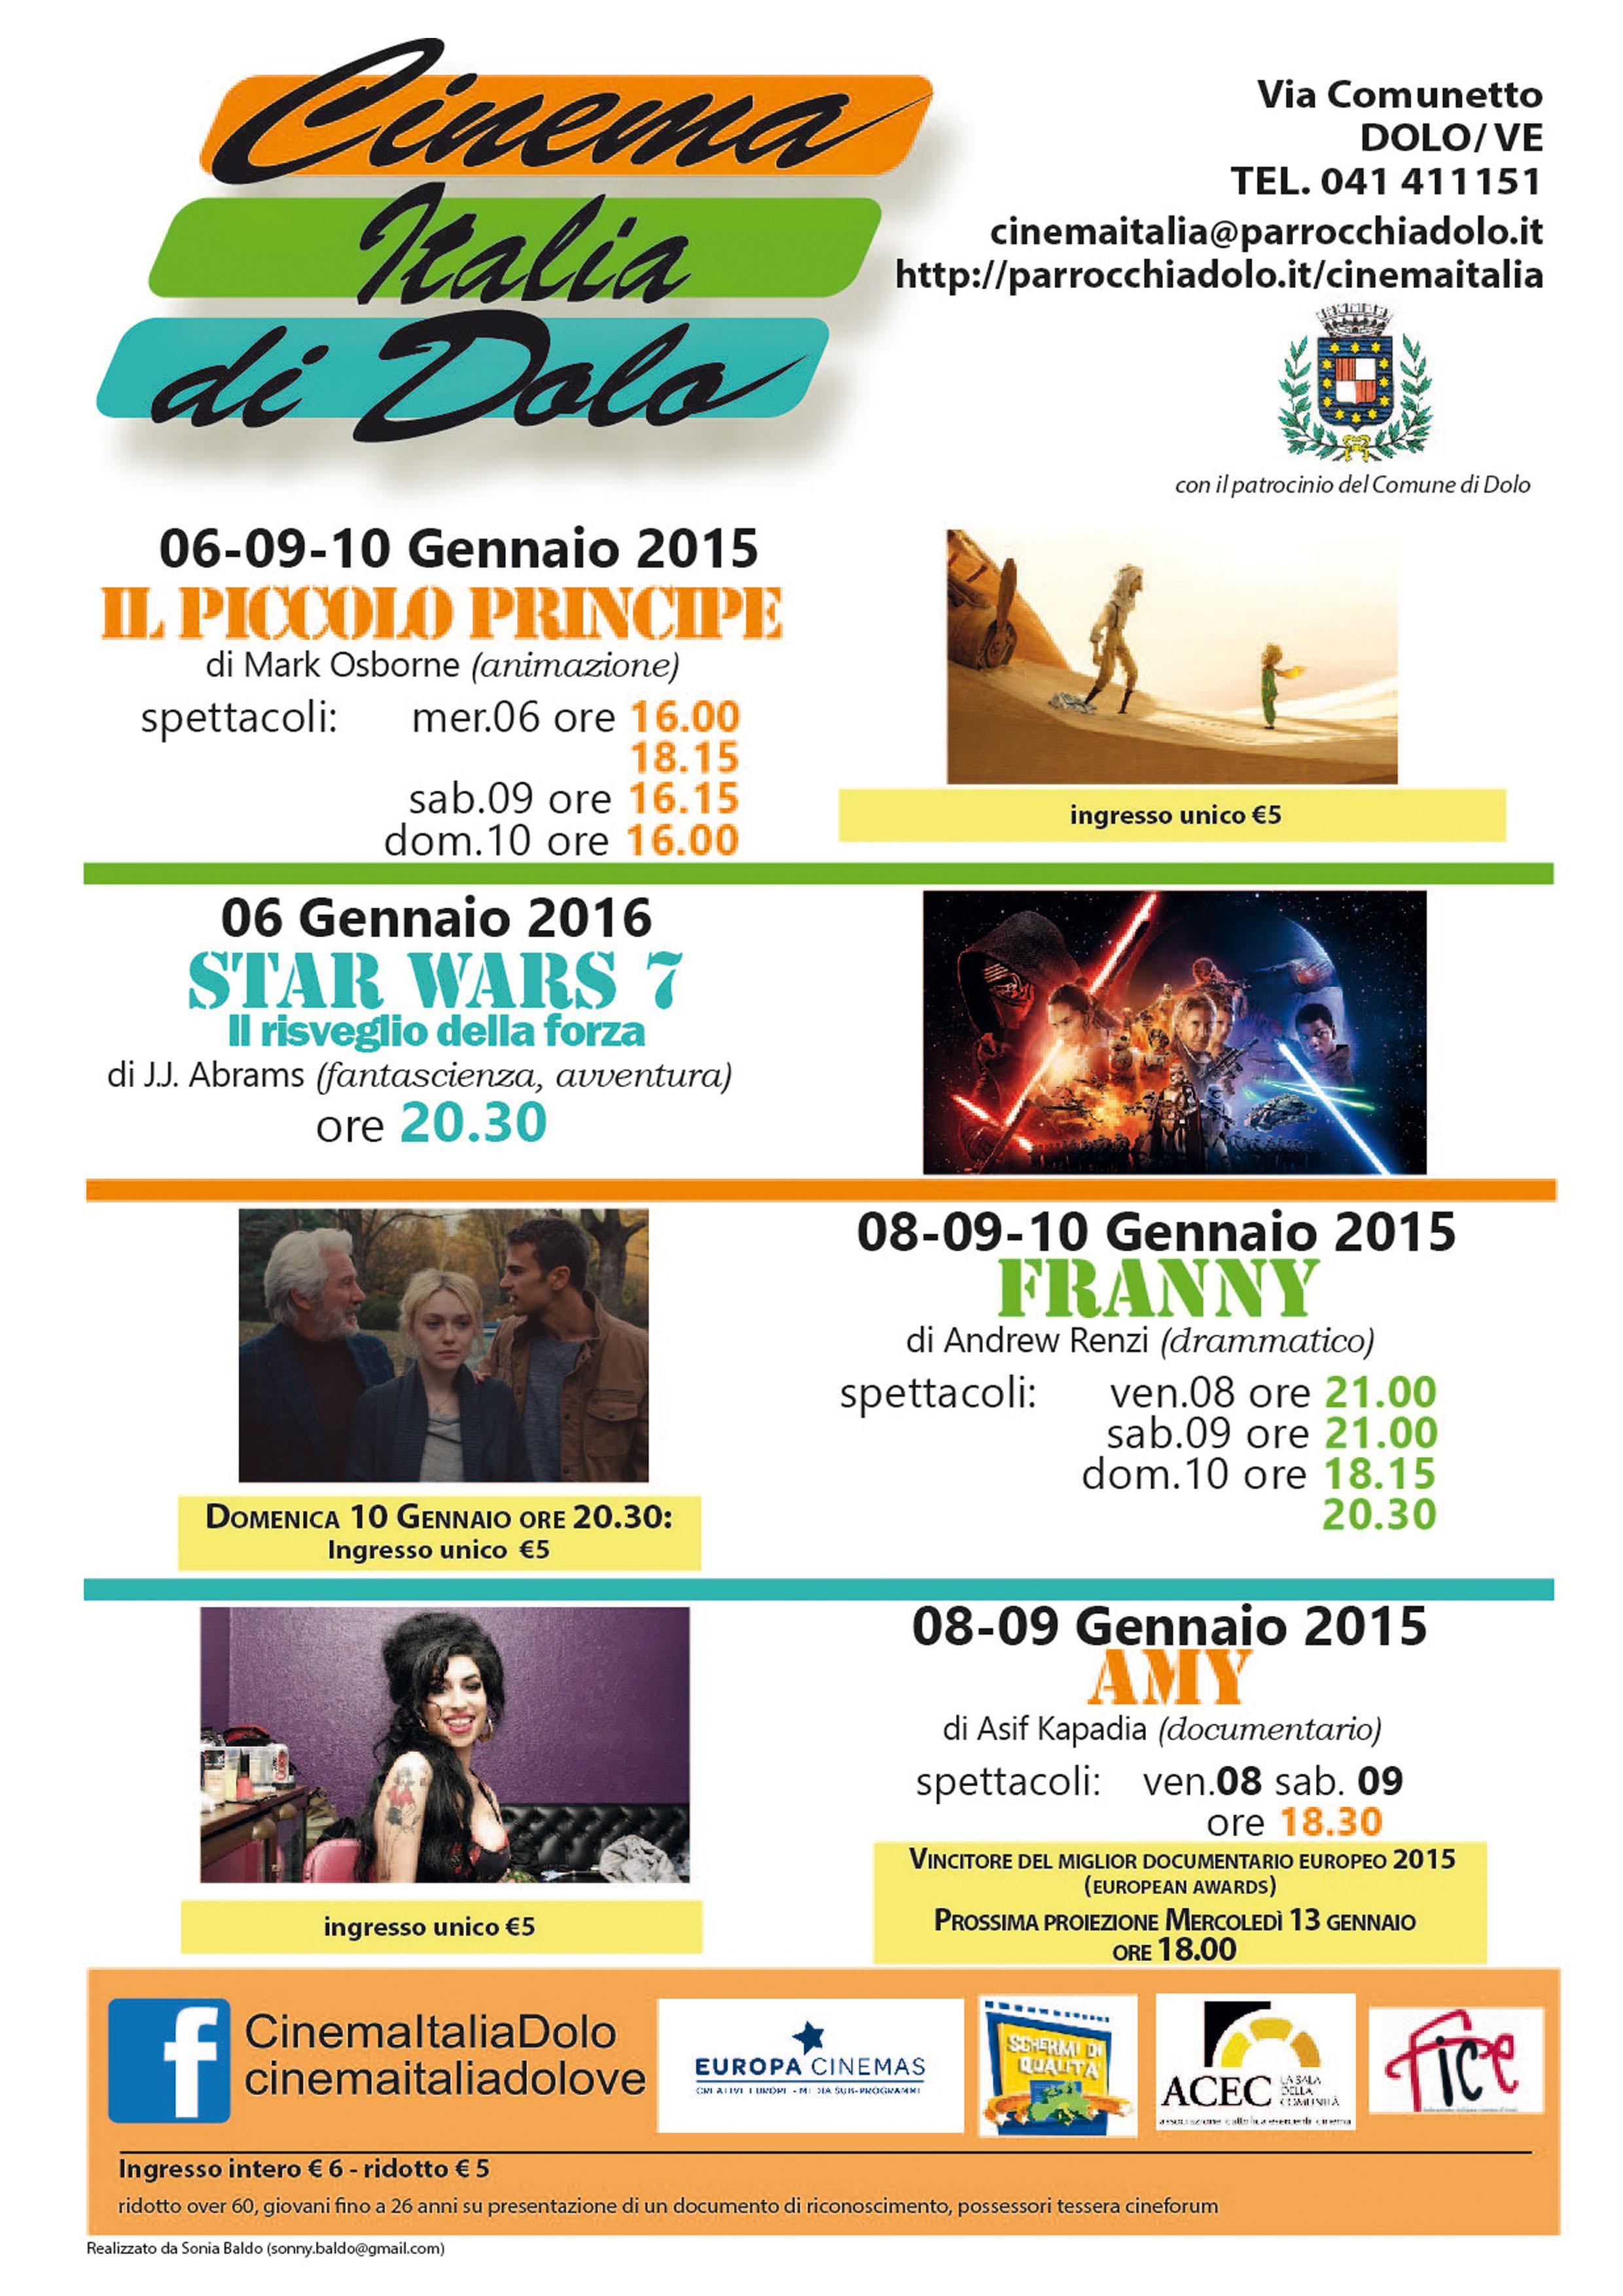 fe723087a5 cinema Italia | Parrocchia di Dolo | Pagina 10